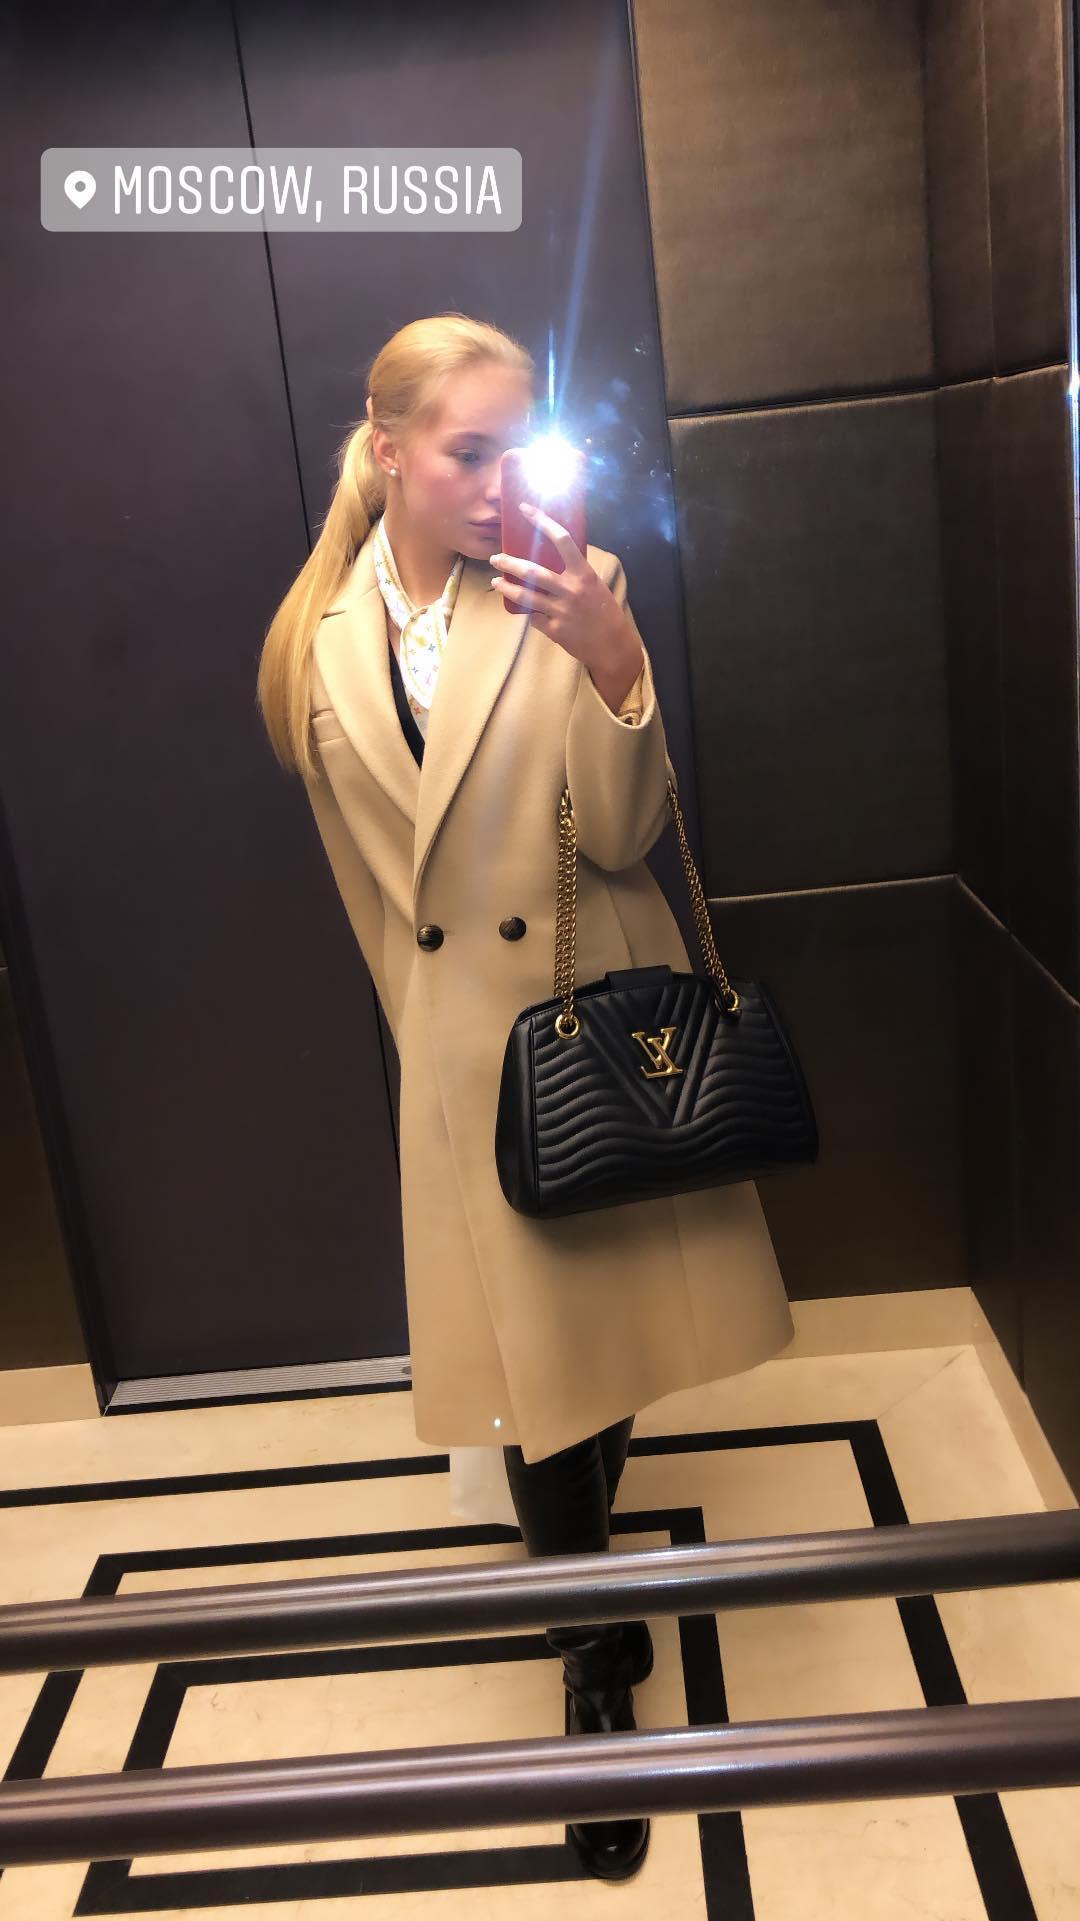 21-летняя дочь Дмитрия Пескова похвасталась сумочкой Louis Vuitton ... 18c675abfa7d8